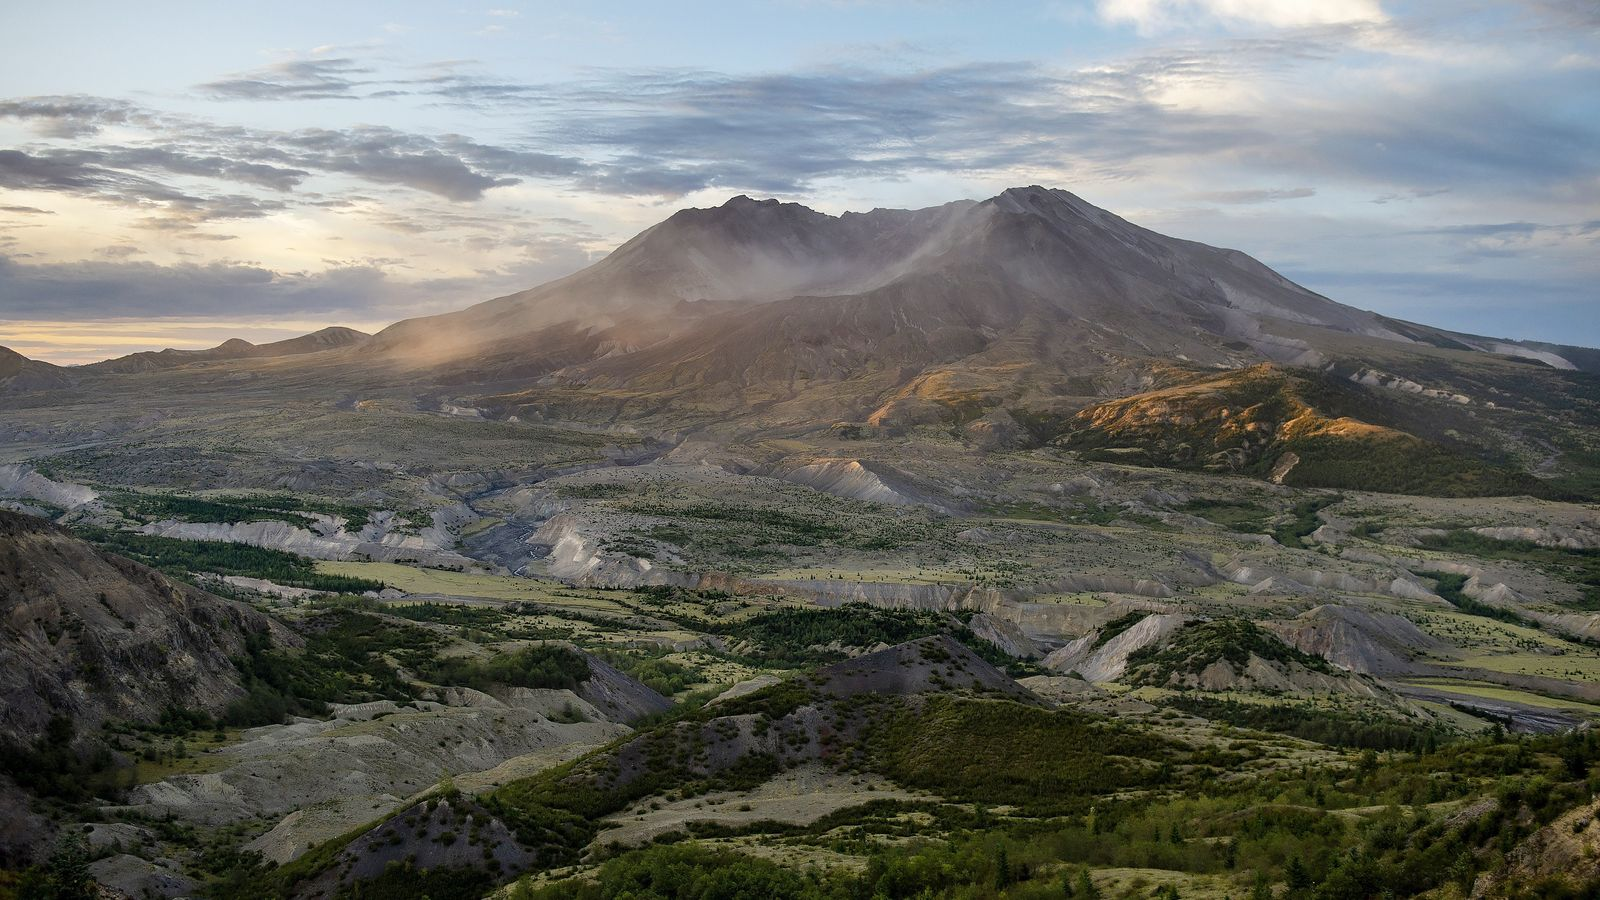 Cráter del monte santa Helena